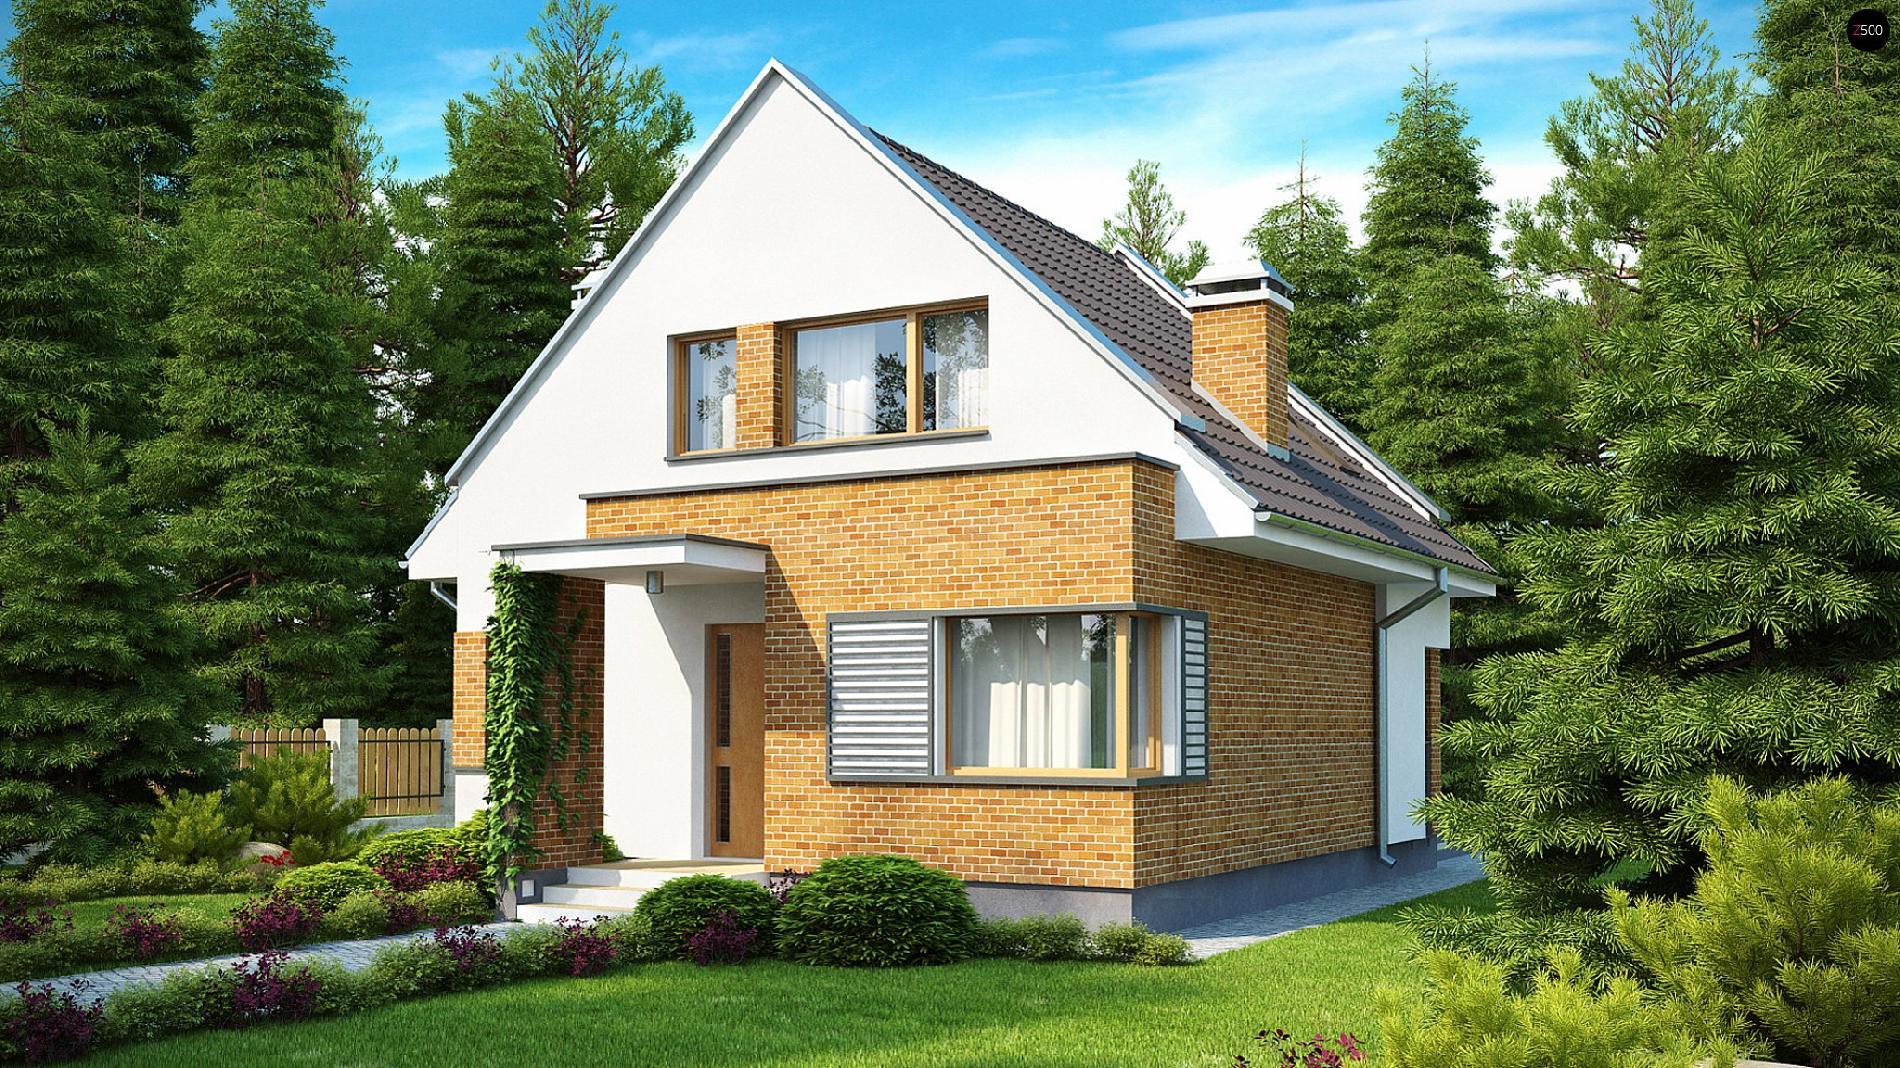 Проект z112: с мансардой кирпич/блоки, площадь - 111 м2 гото.